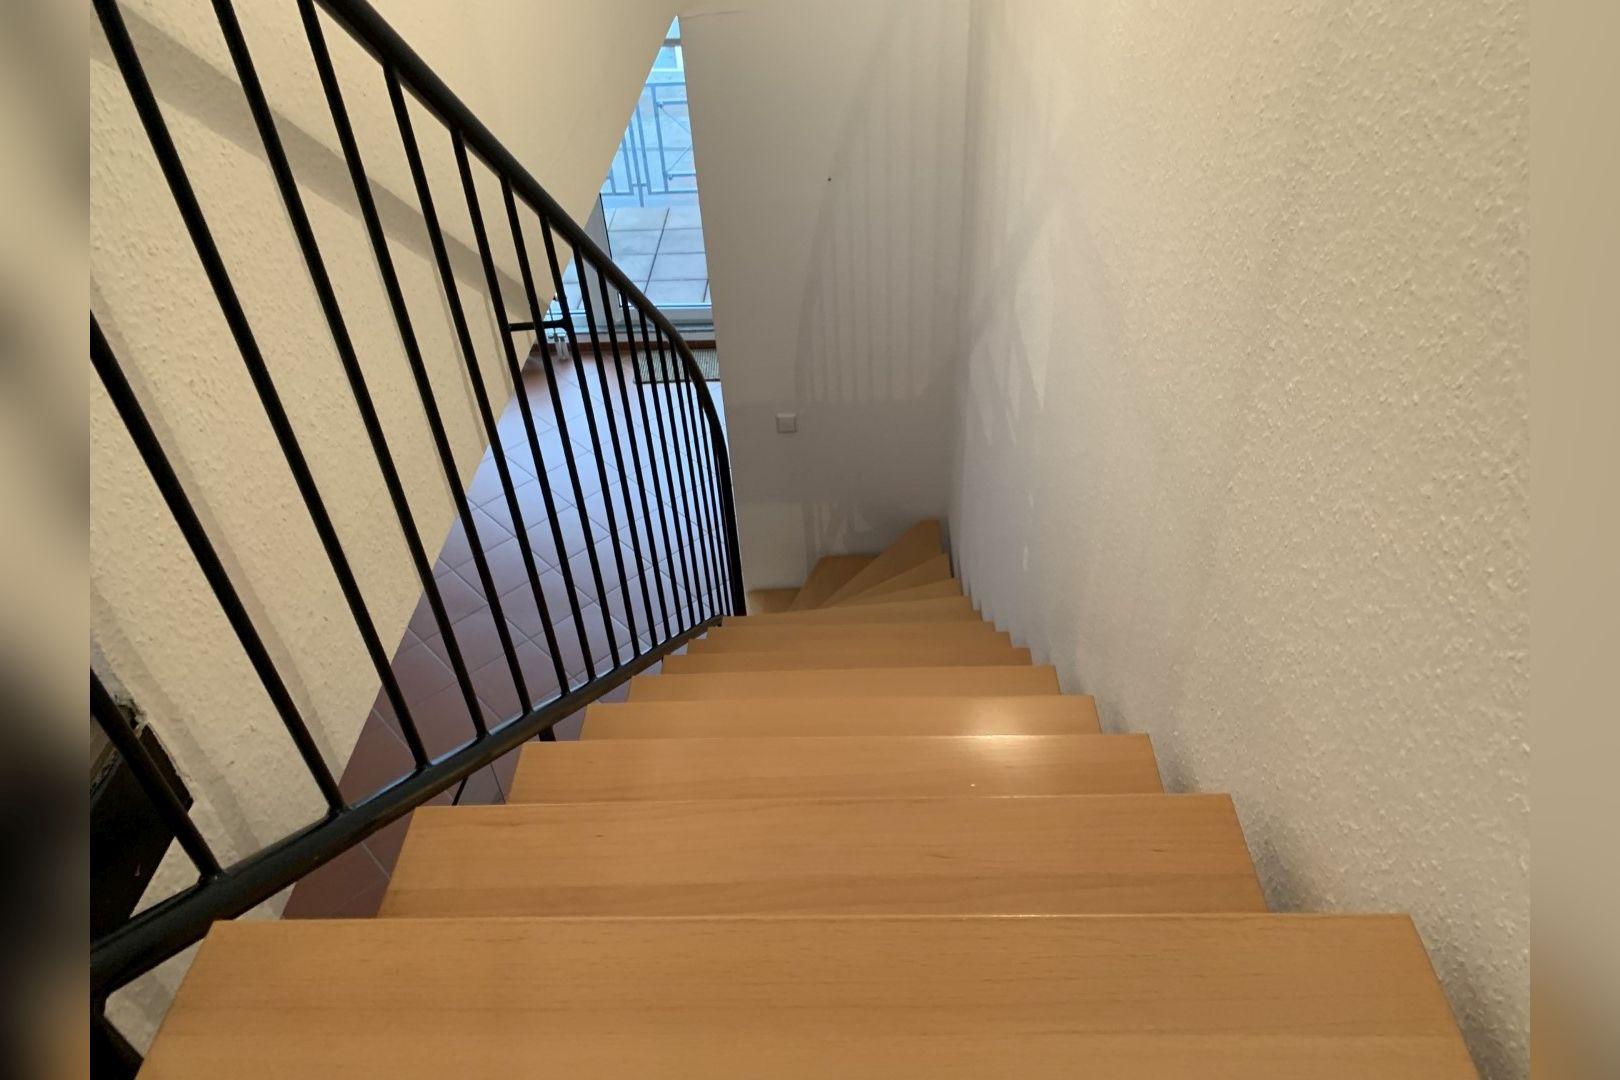 Immobilie Nr.0253 - 3-Zimmer-Maisonette-Wohnung  - Bild 15.jpg